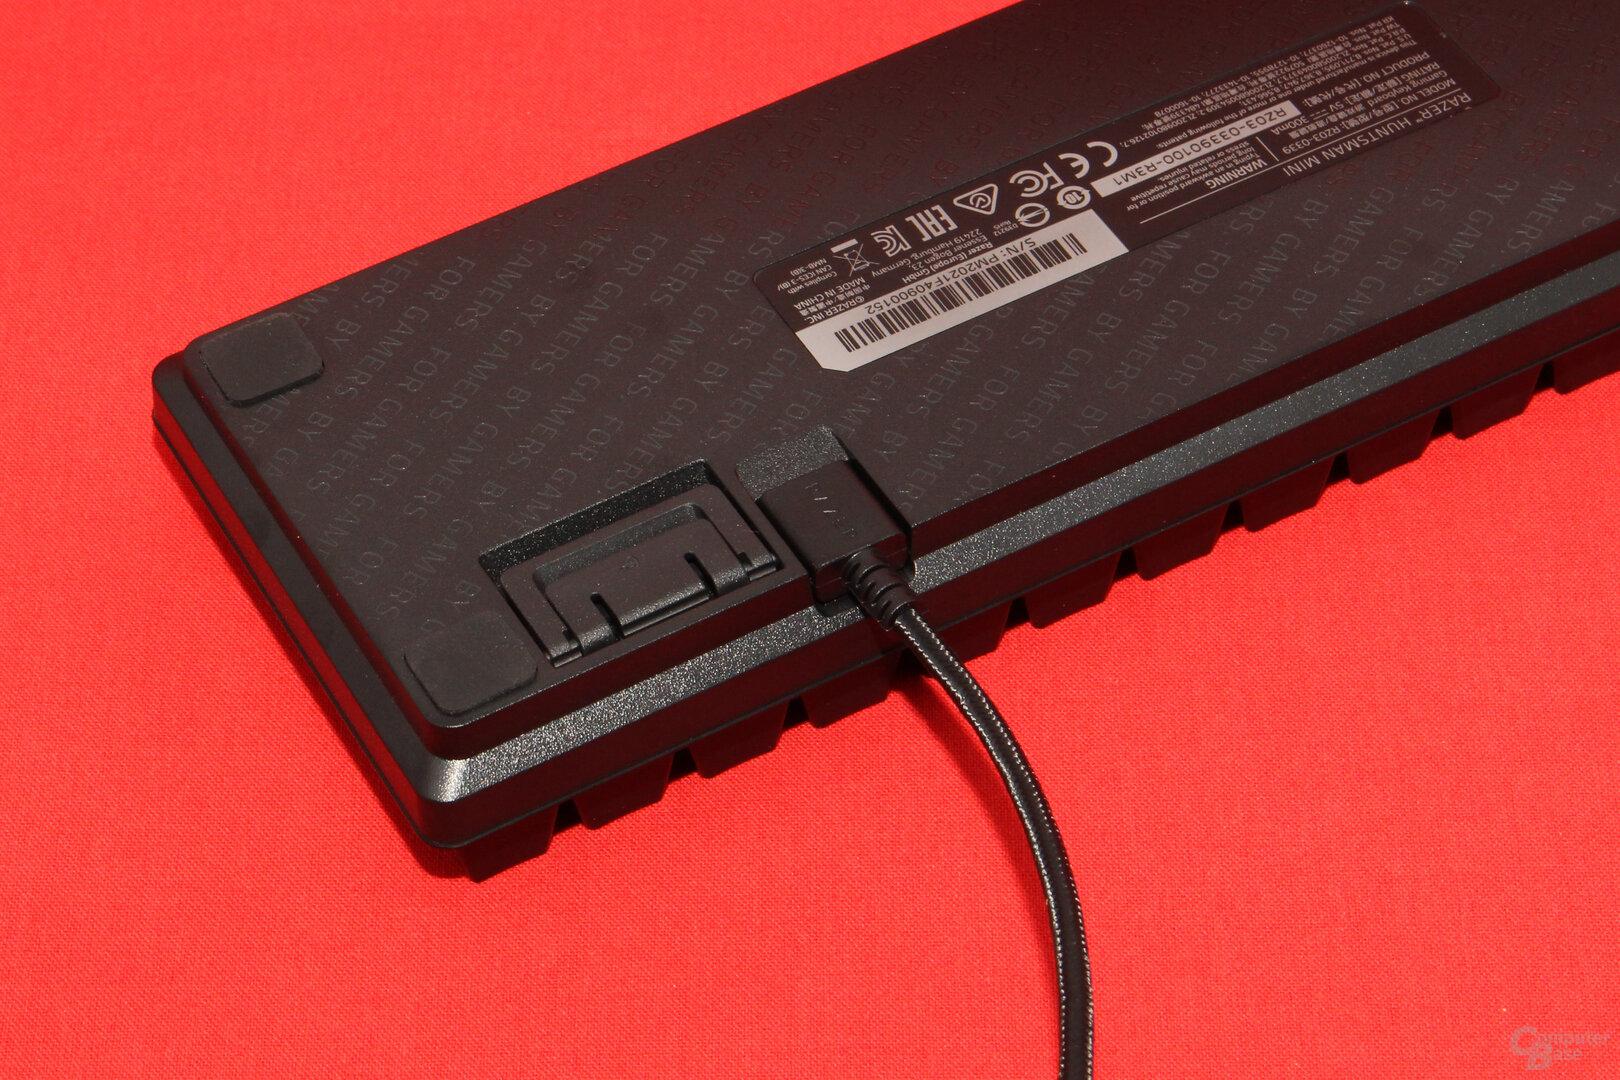 Das USB-Kabel wird durch seitliche Führungen fixiert und entlastet